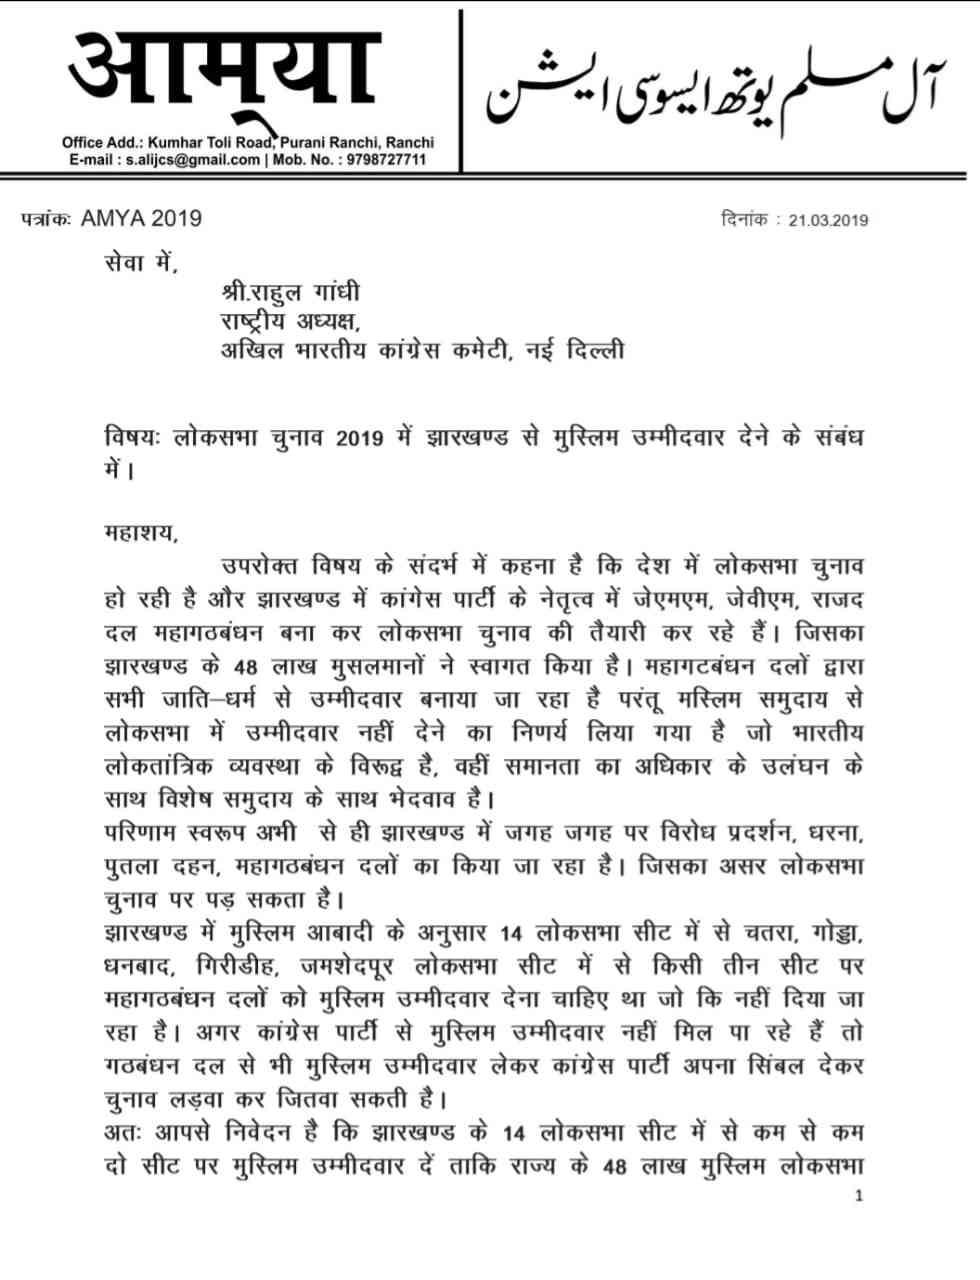 कांग्रेस अध्यक्ष राहुल गांधी को लिखा गया पत्र | साभार : आम्या